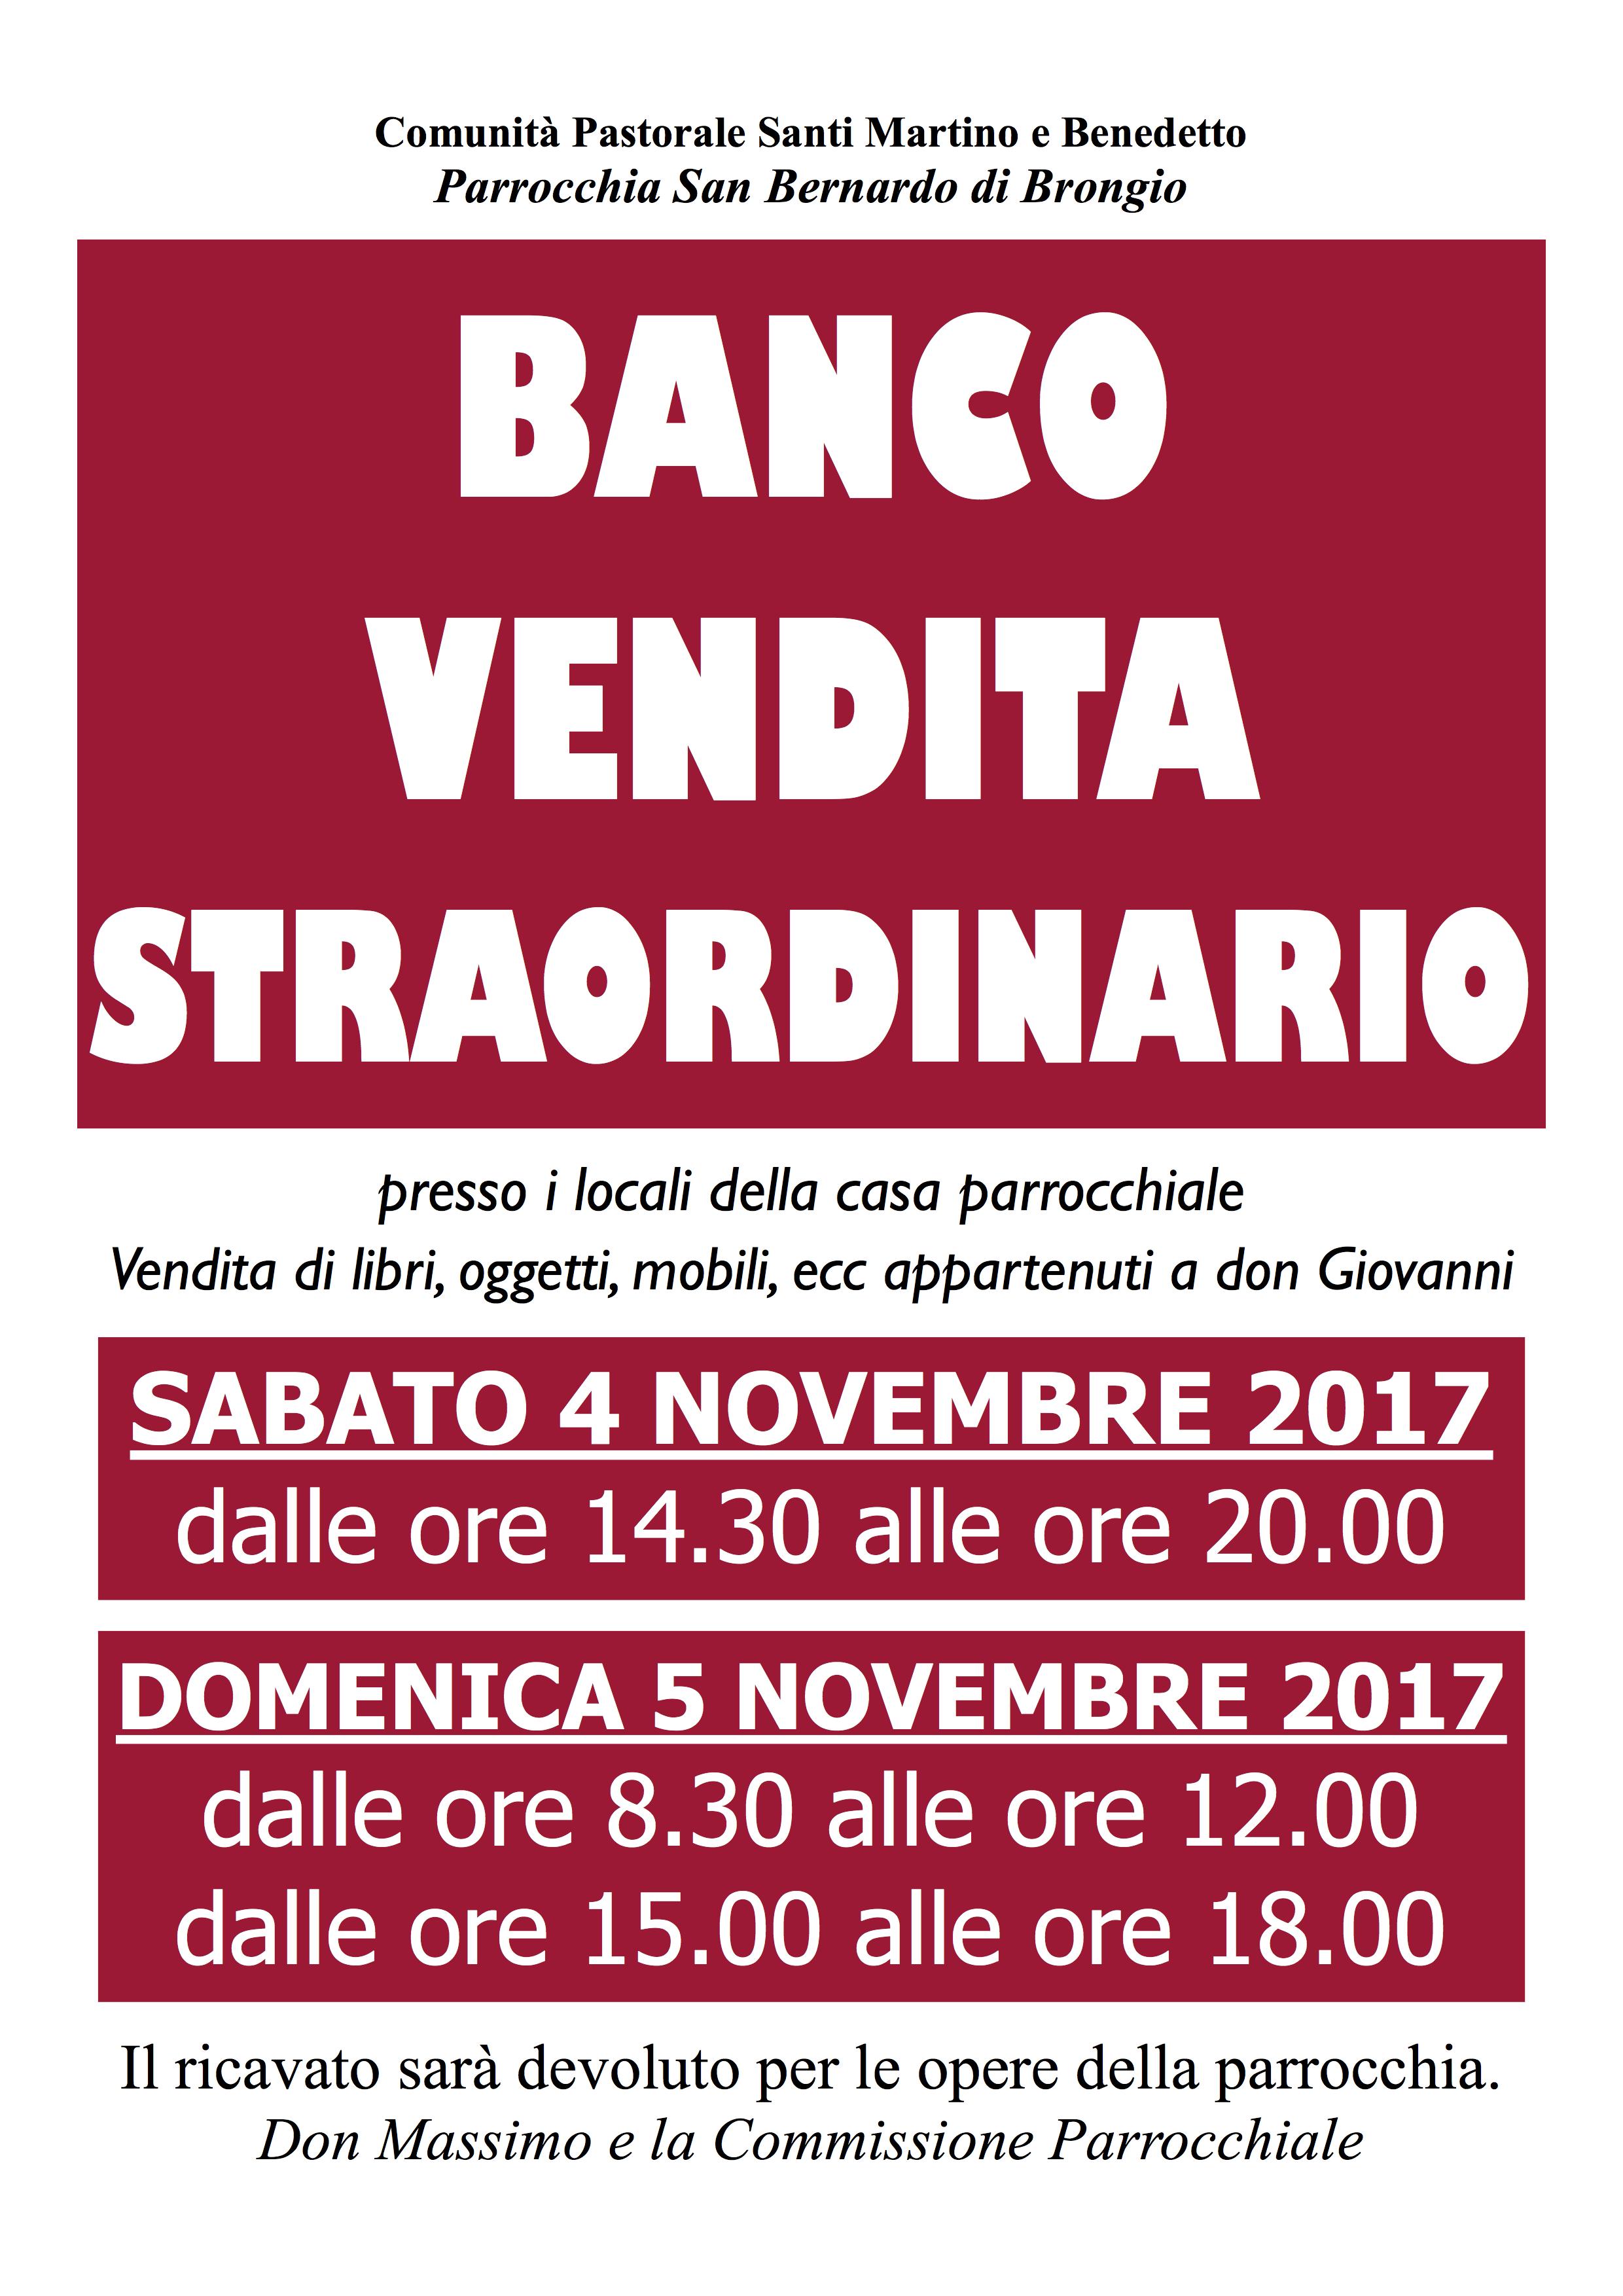 Banco Vendita Straordinario.png